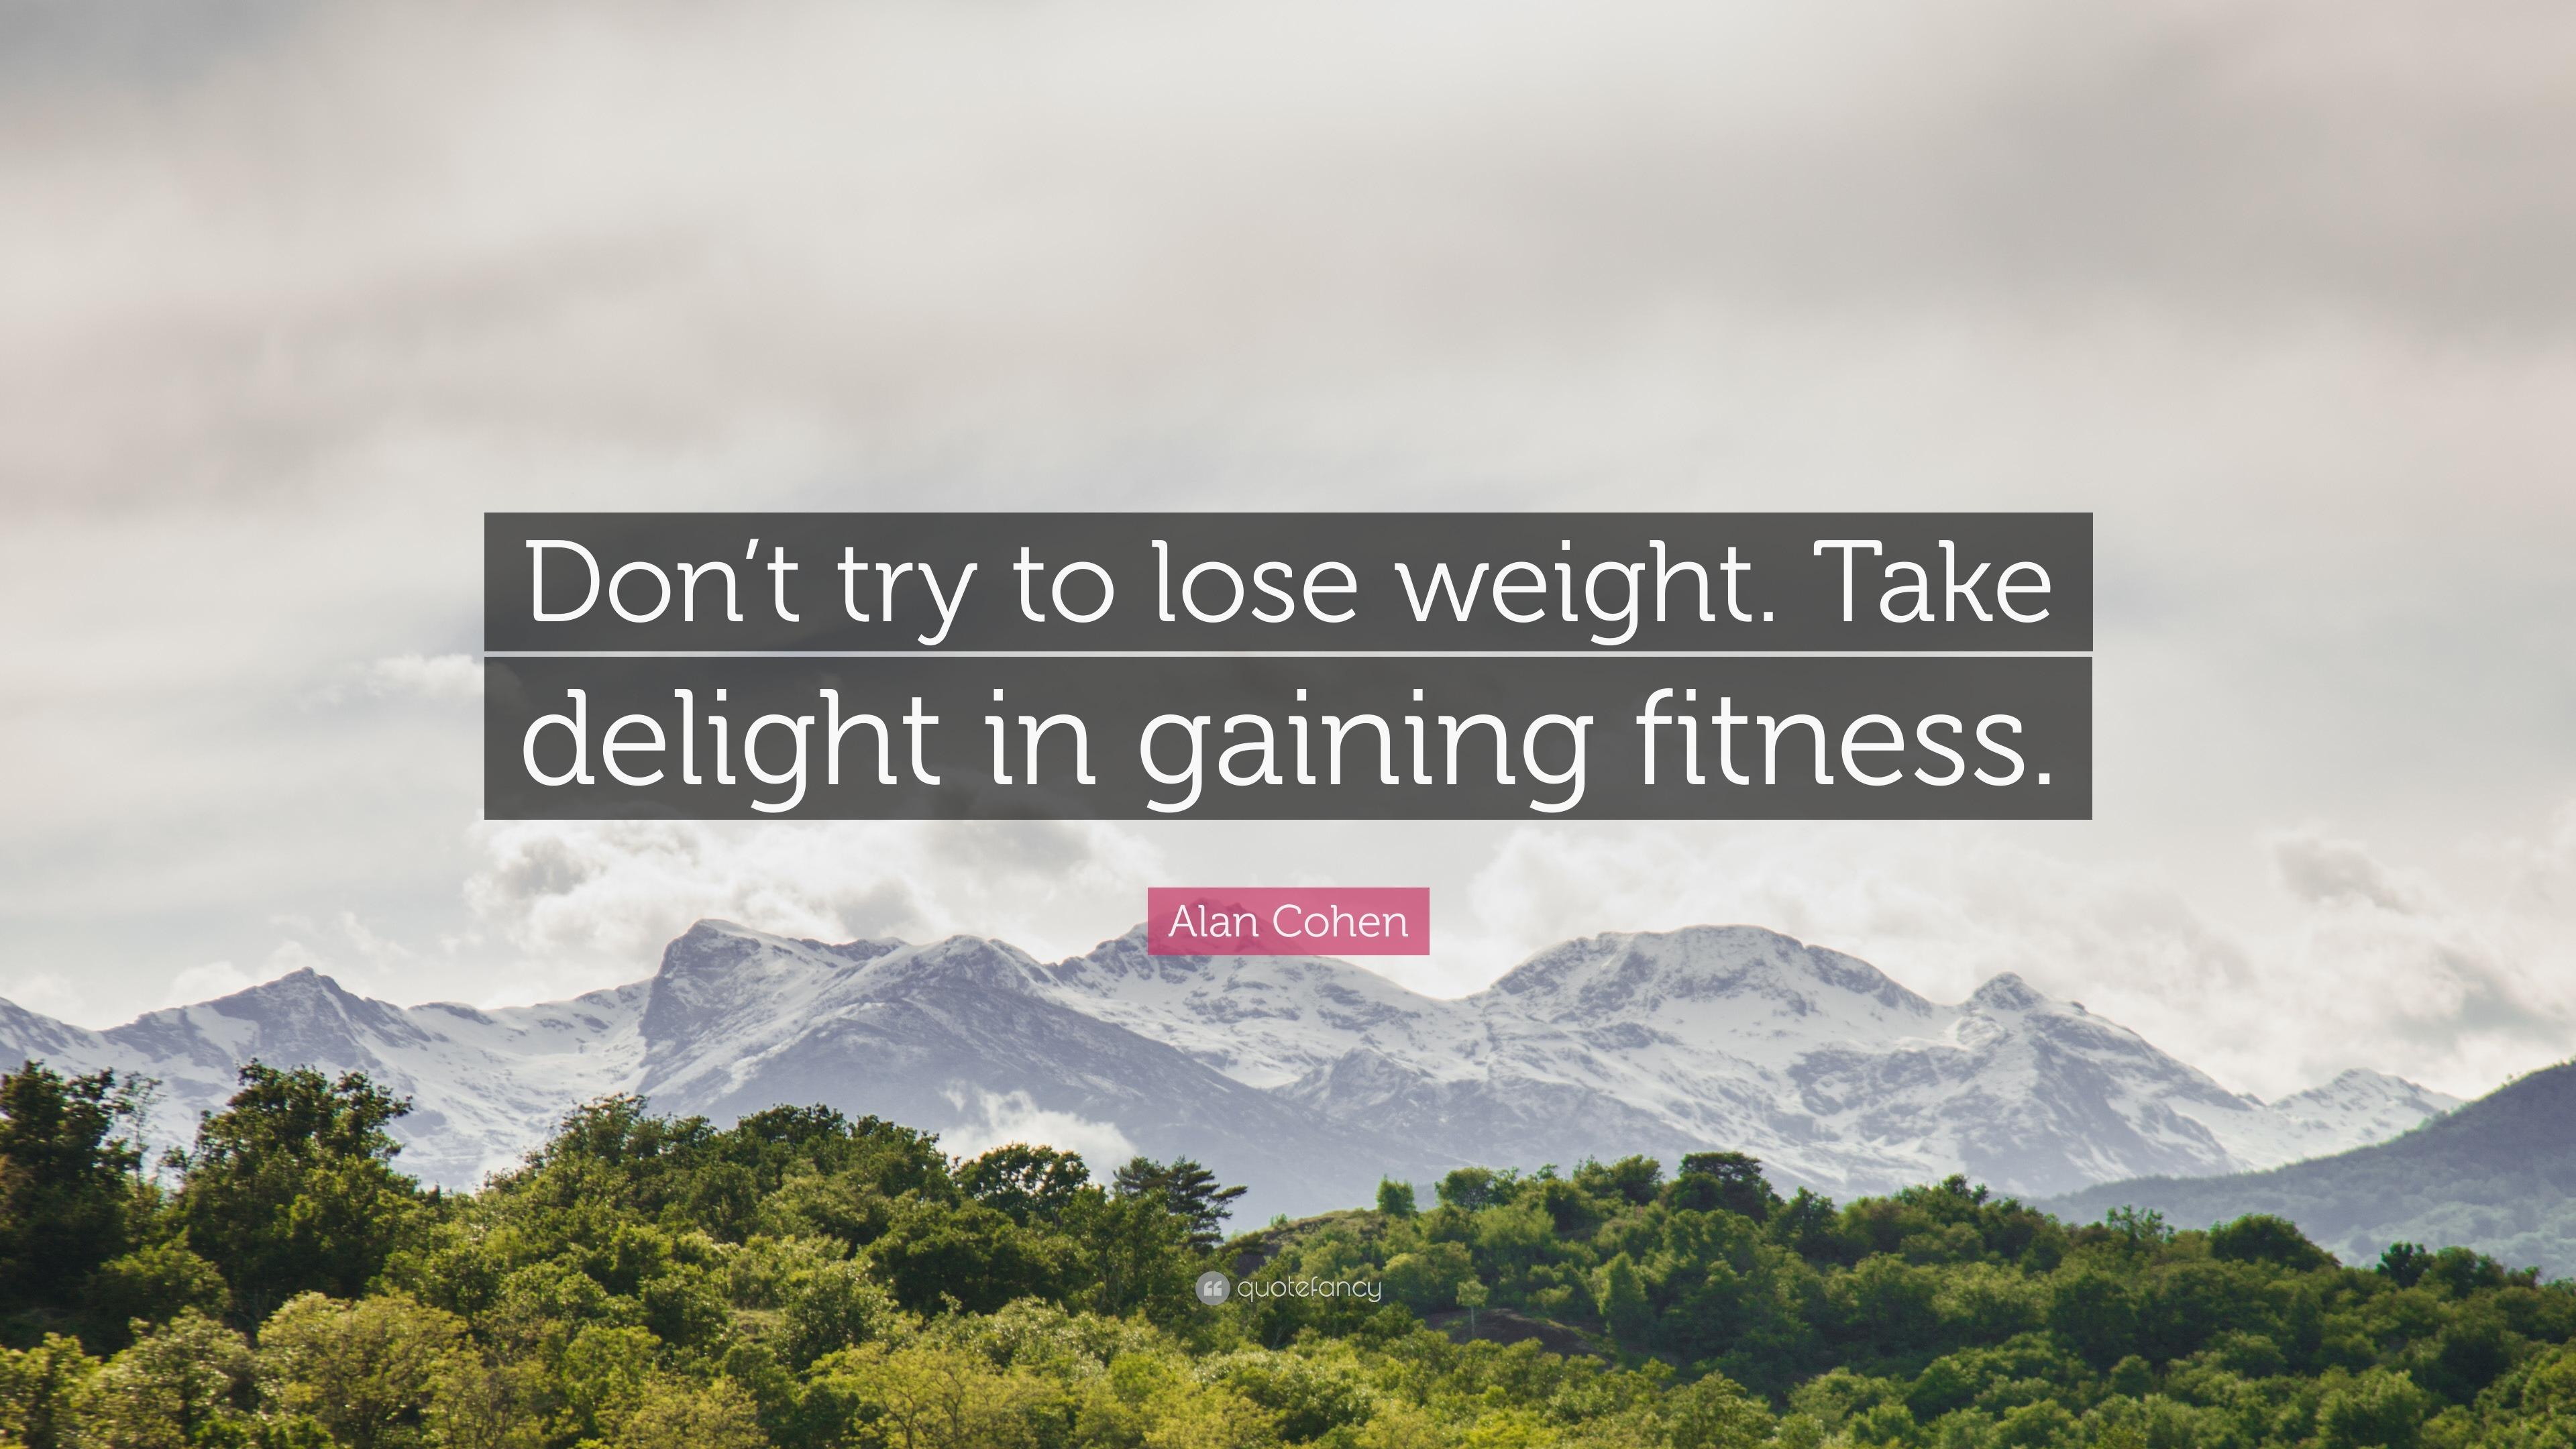 Best weight loss program pinterest image 8